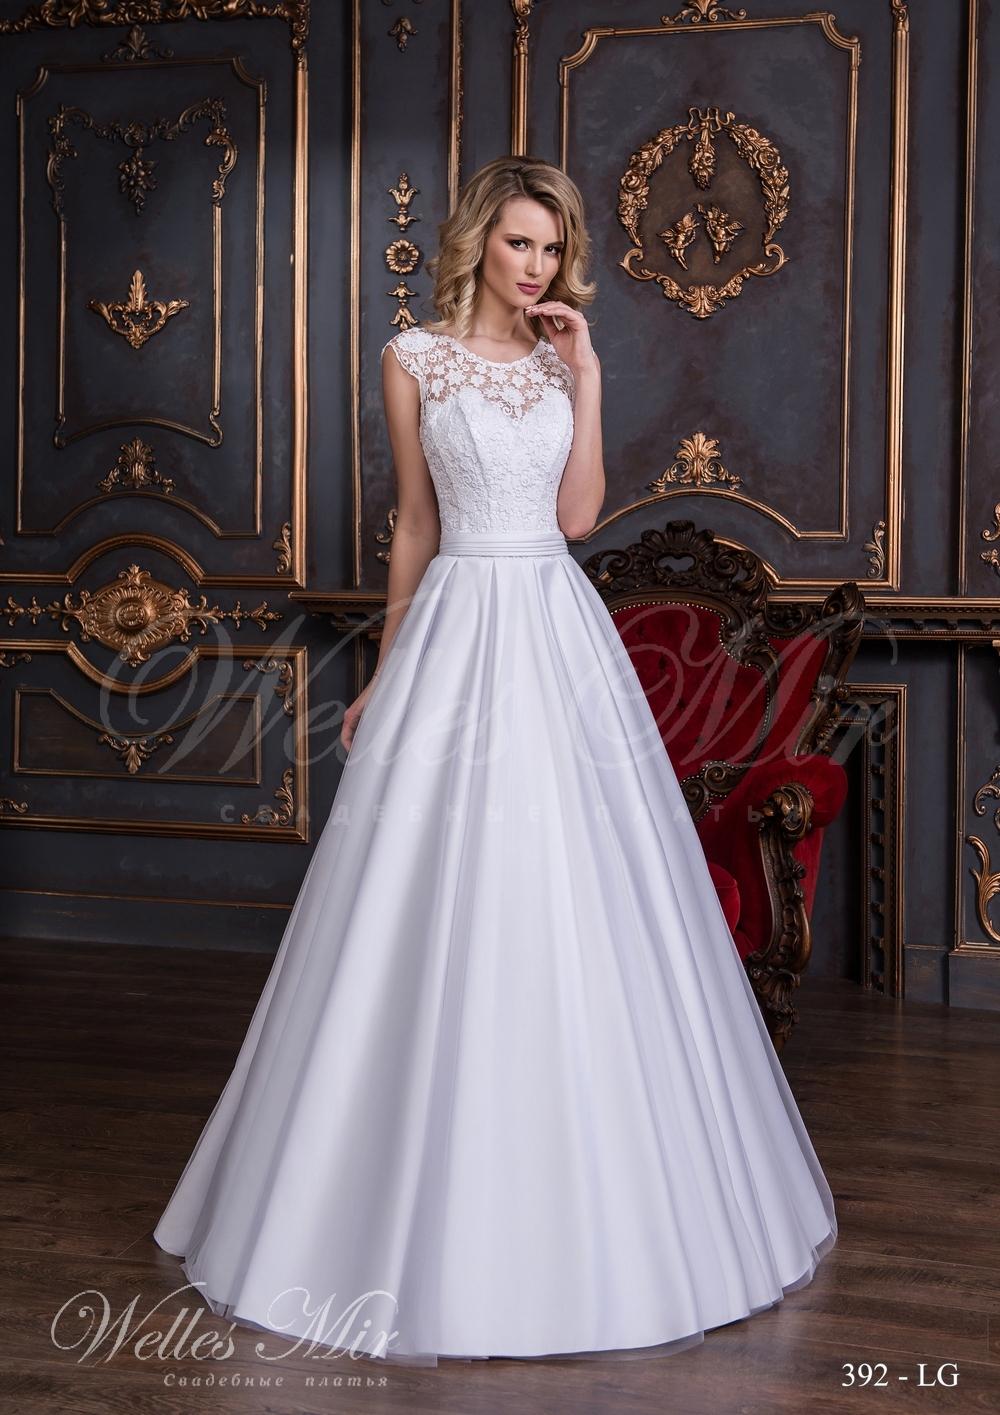 Свадебные платья Luxury collection 2017-2018 - 392-LG